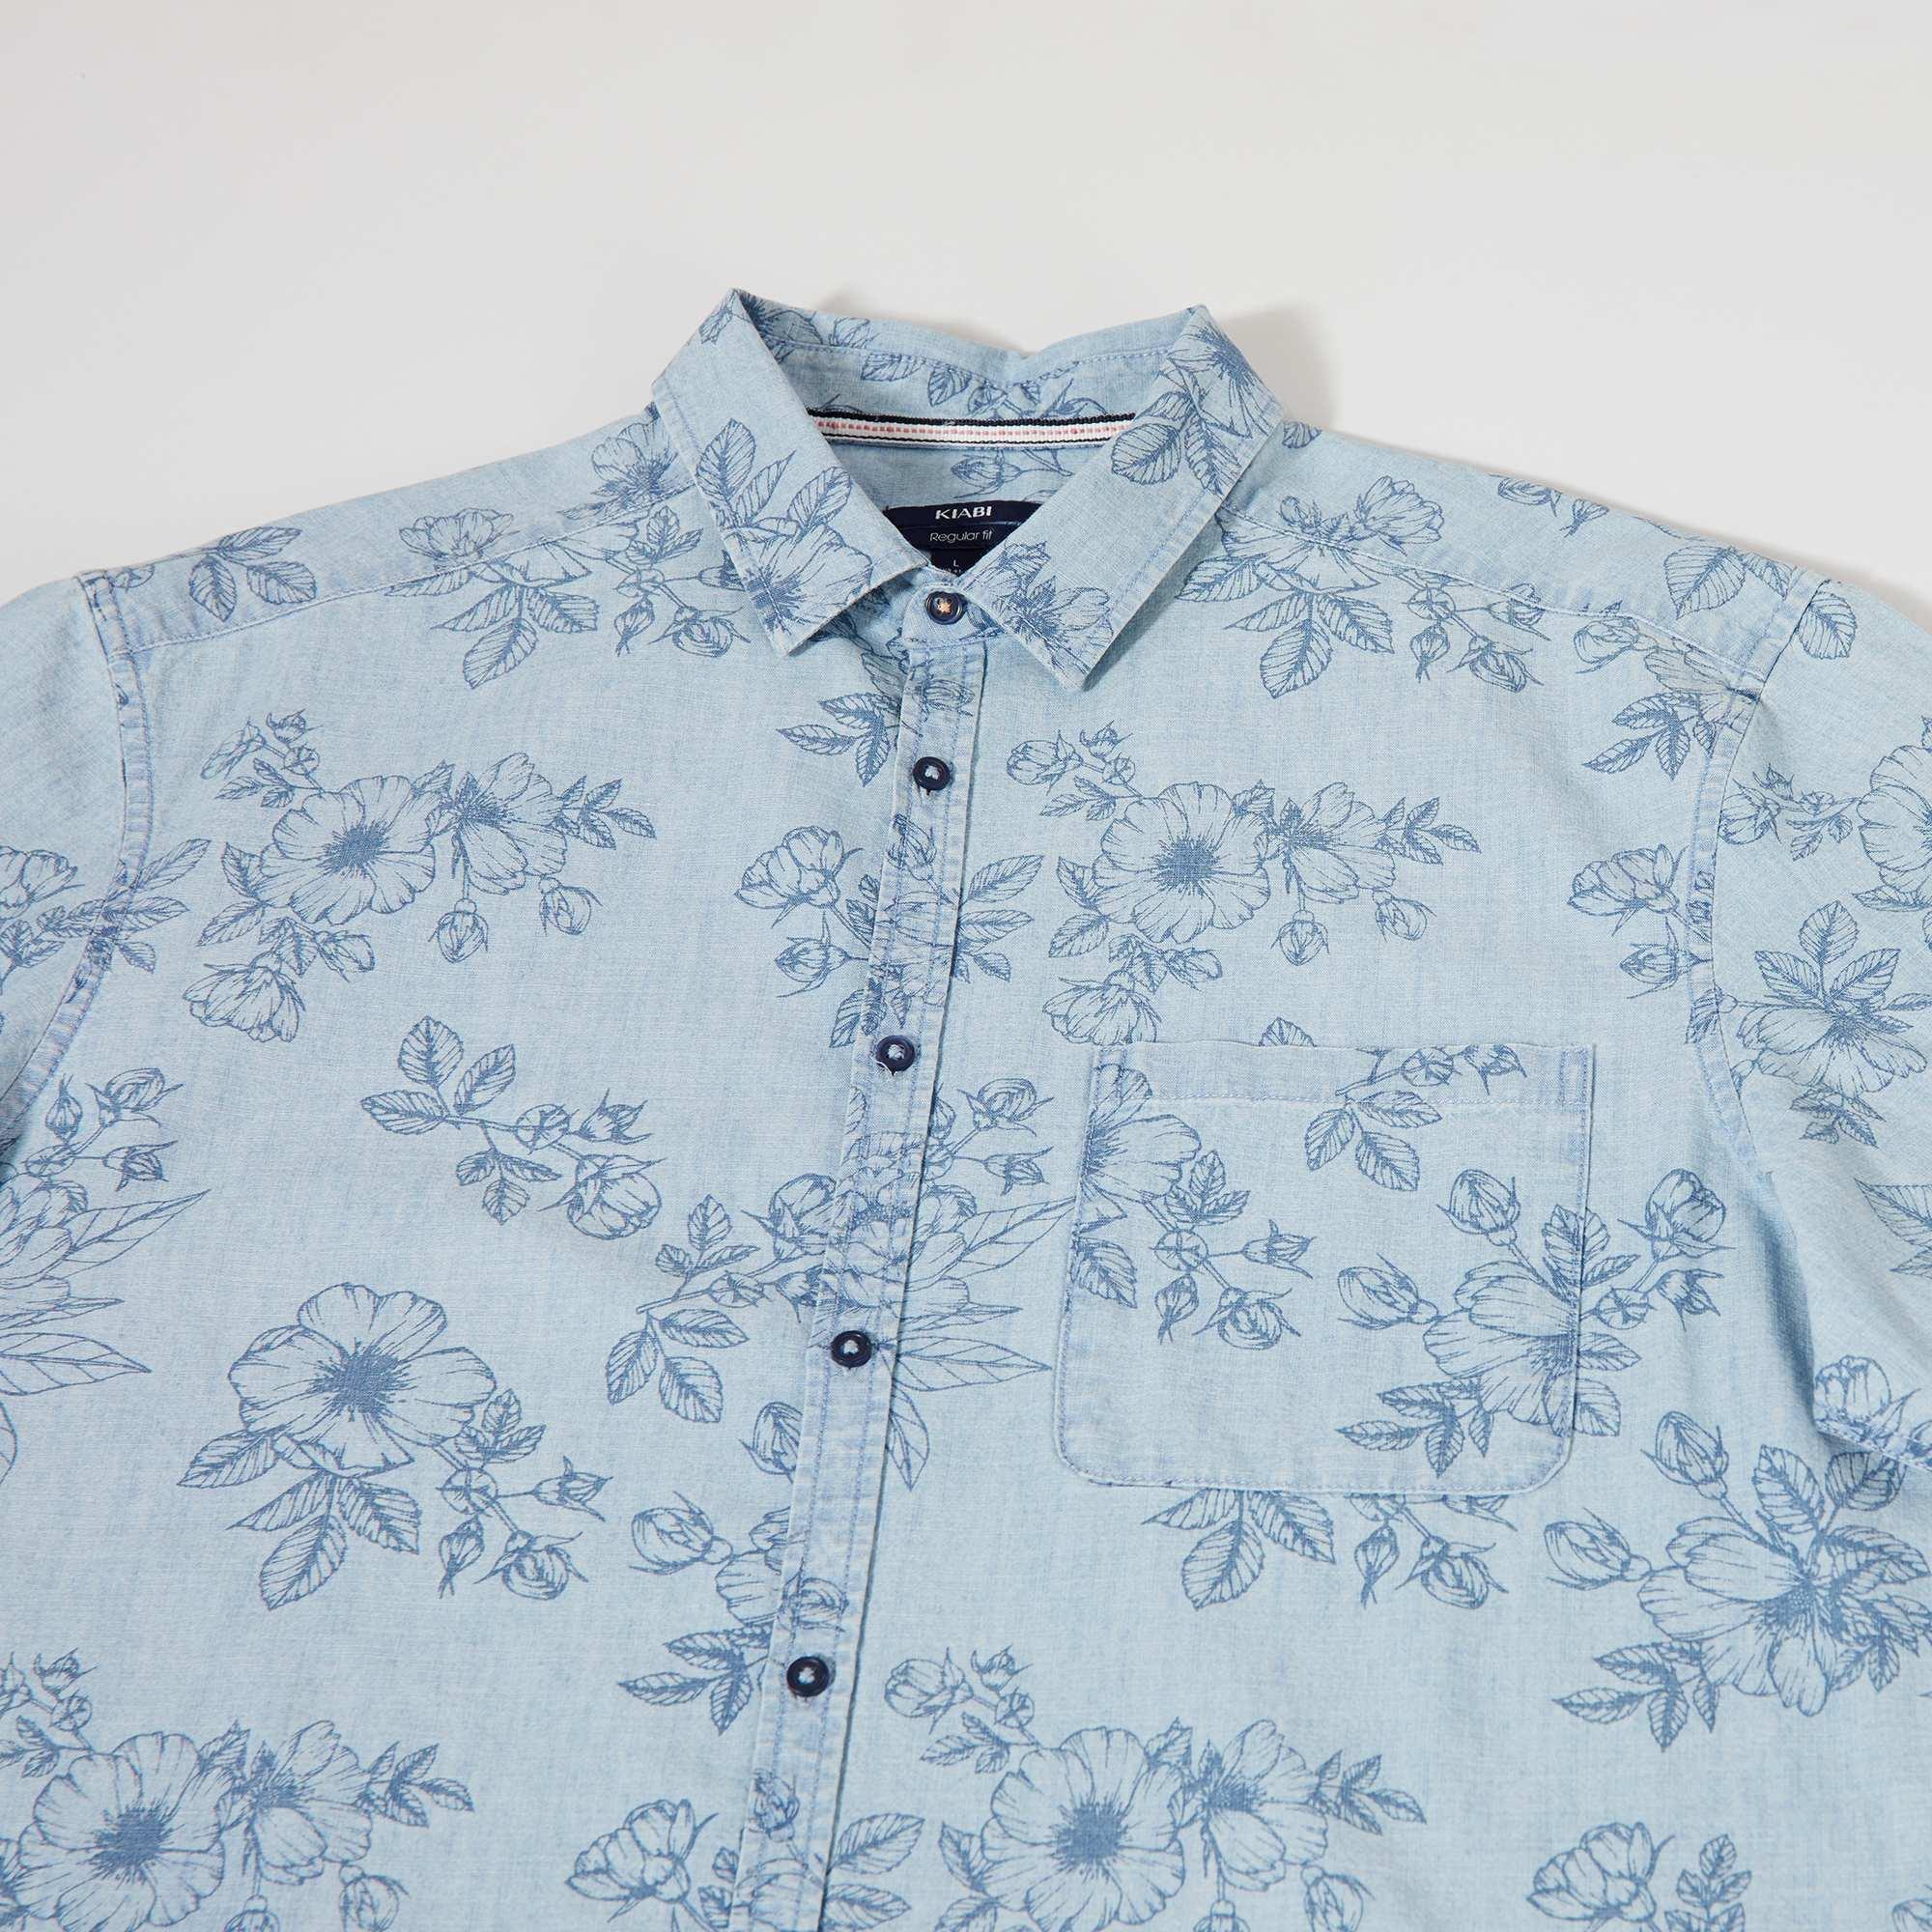 Heren Overhemd Bloemenprint.Regular Overhemd Met Bloemenprint Heren Tall 190cm Blauw